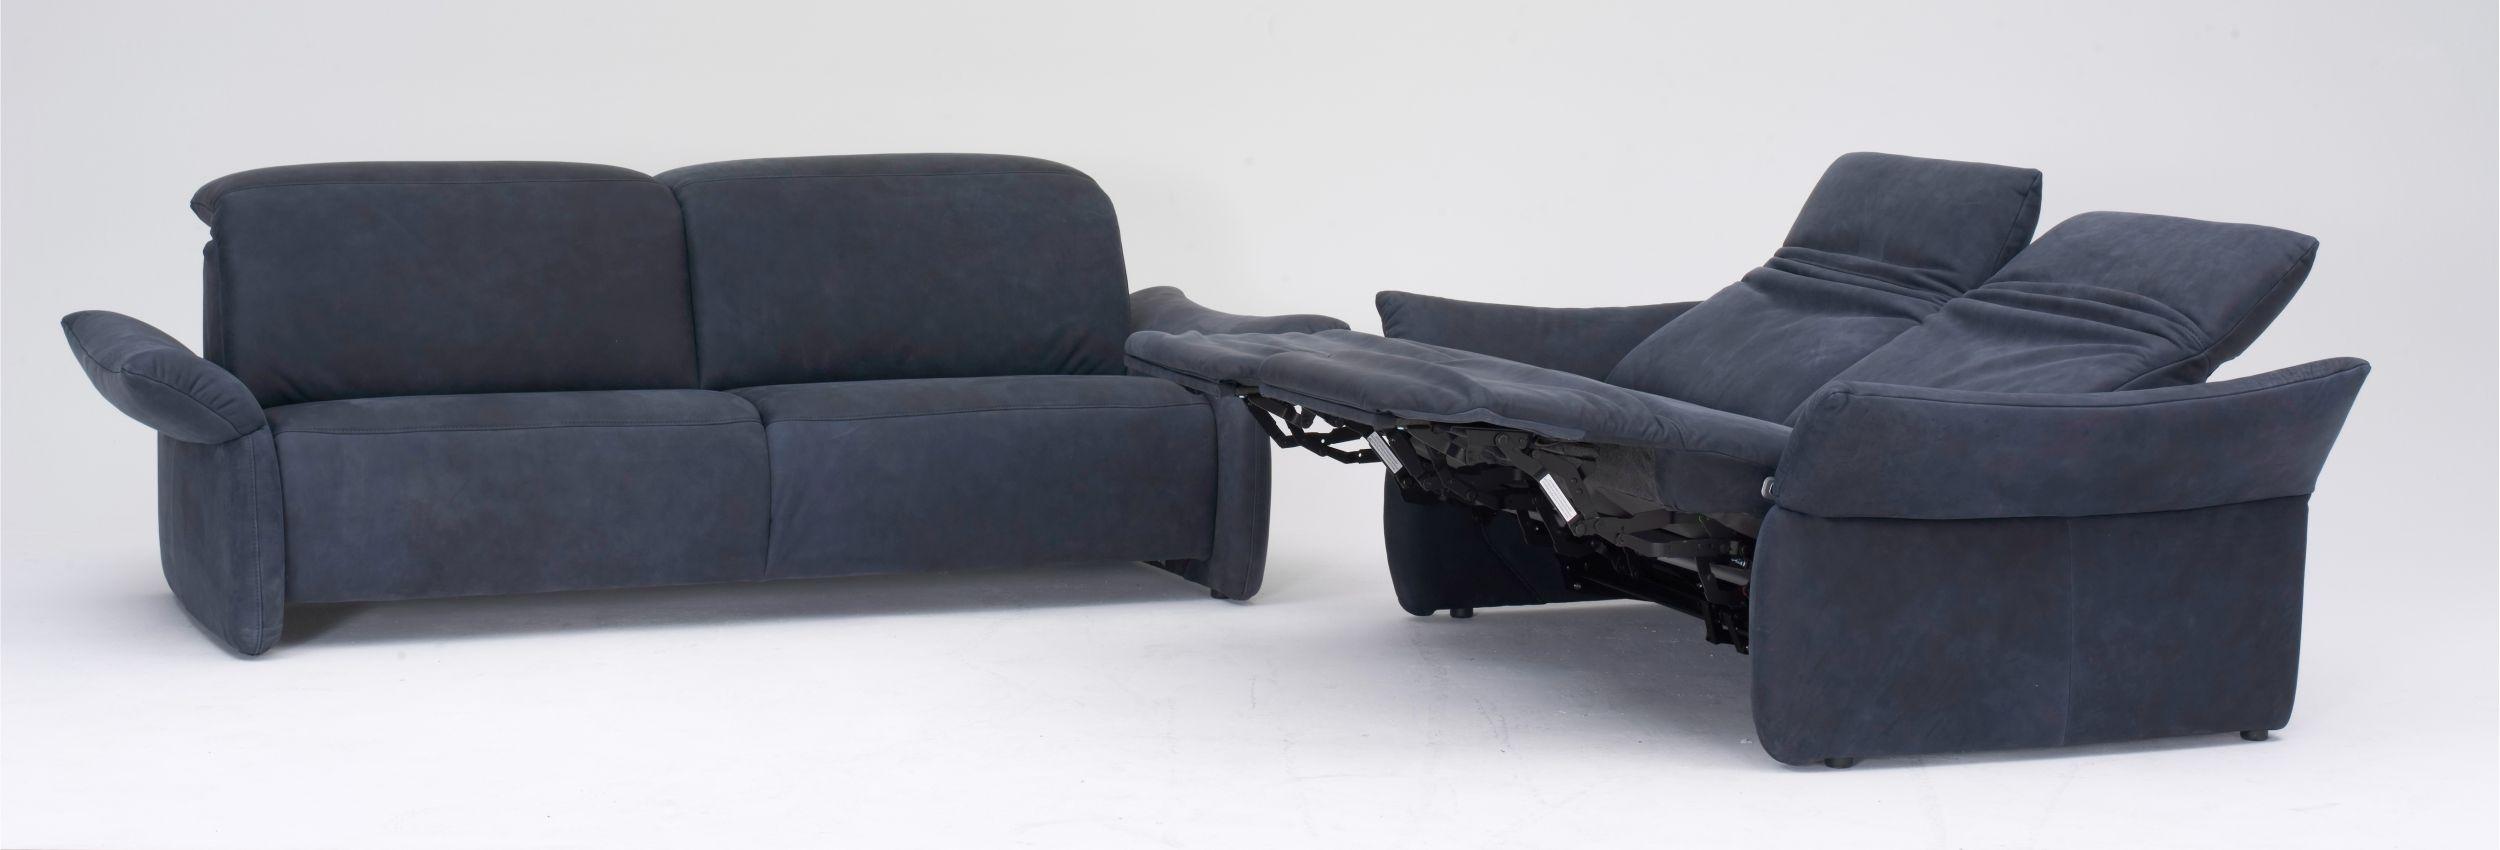 Full Size of Sofa Mit Relaxfunktion 2 Big Poco Comfortmaster Ligne Roset In L Form Antikes Fenster Lüftung Schlafzimmer Set Matratze Und Lattenrost Verkaufen 3 Sitzer Sofa Sofa Mit Relaxfunktion